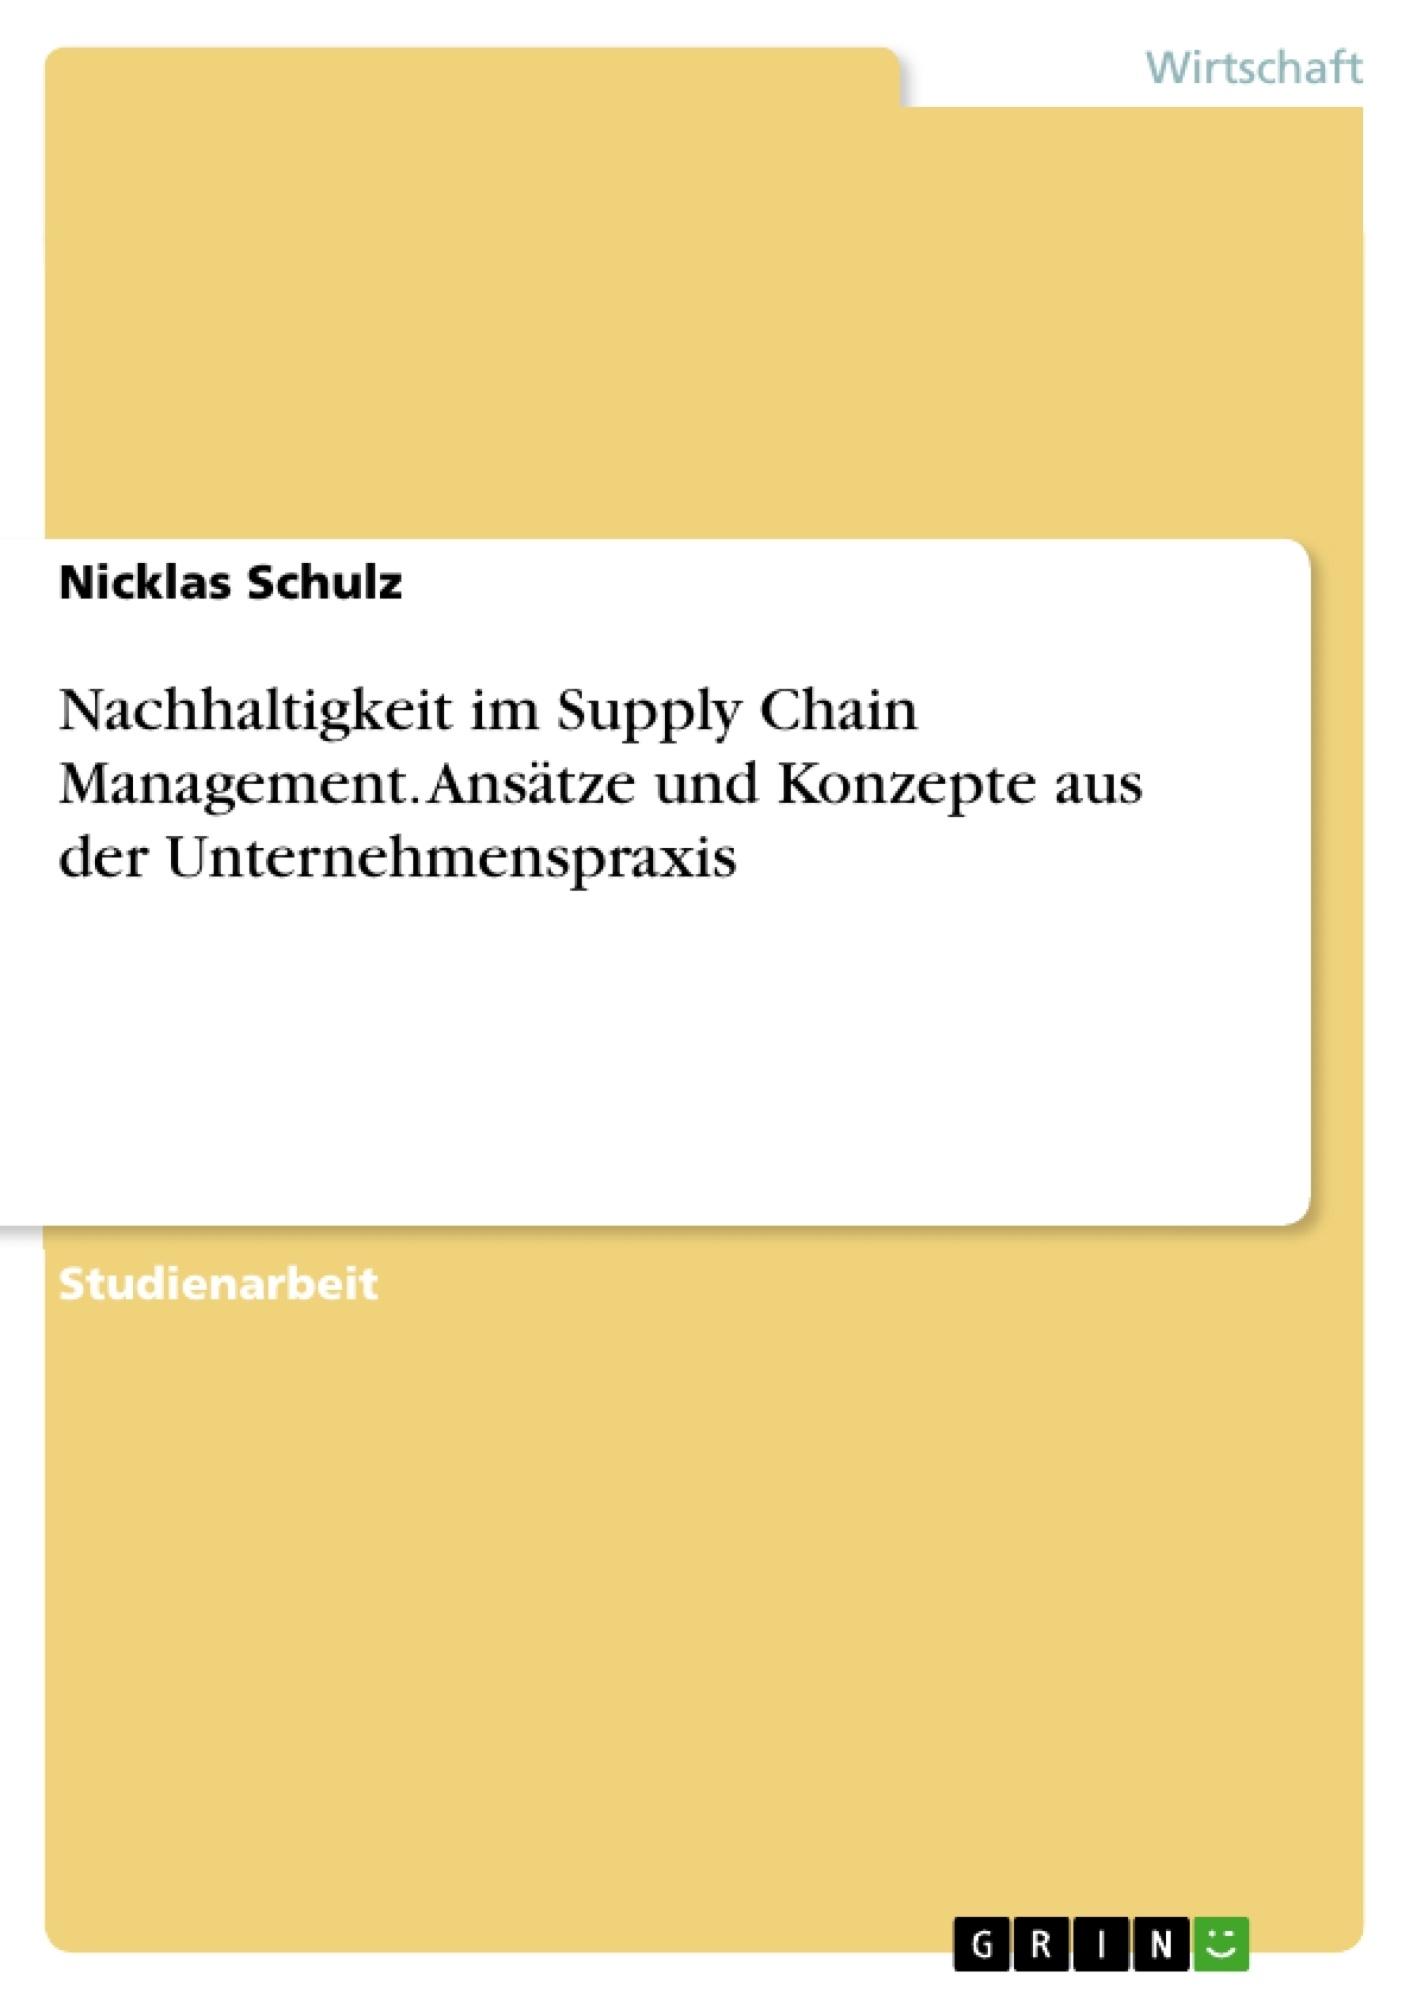 Titel: Nachhaltigkeit im Supply Chain Management. Ansätze und Konzepte aus der Unternehmenspraxis